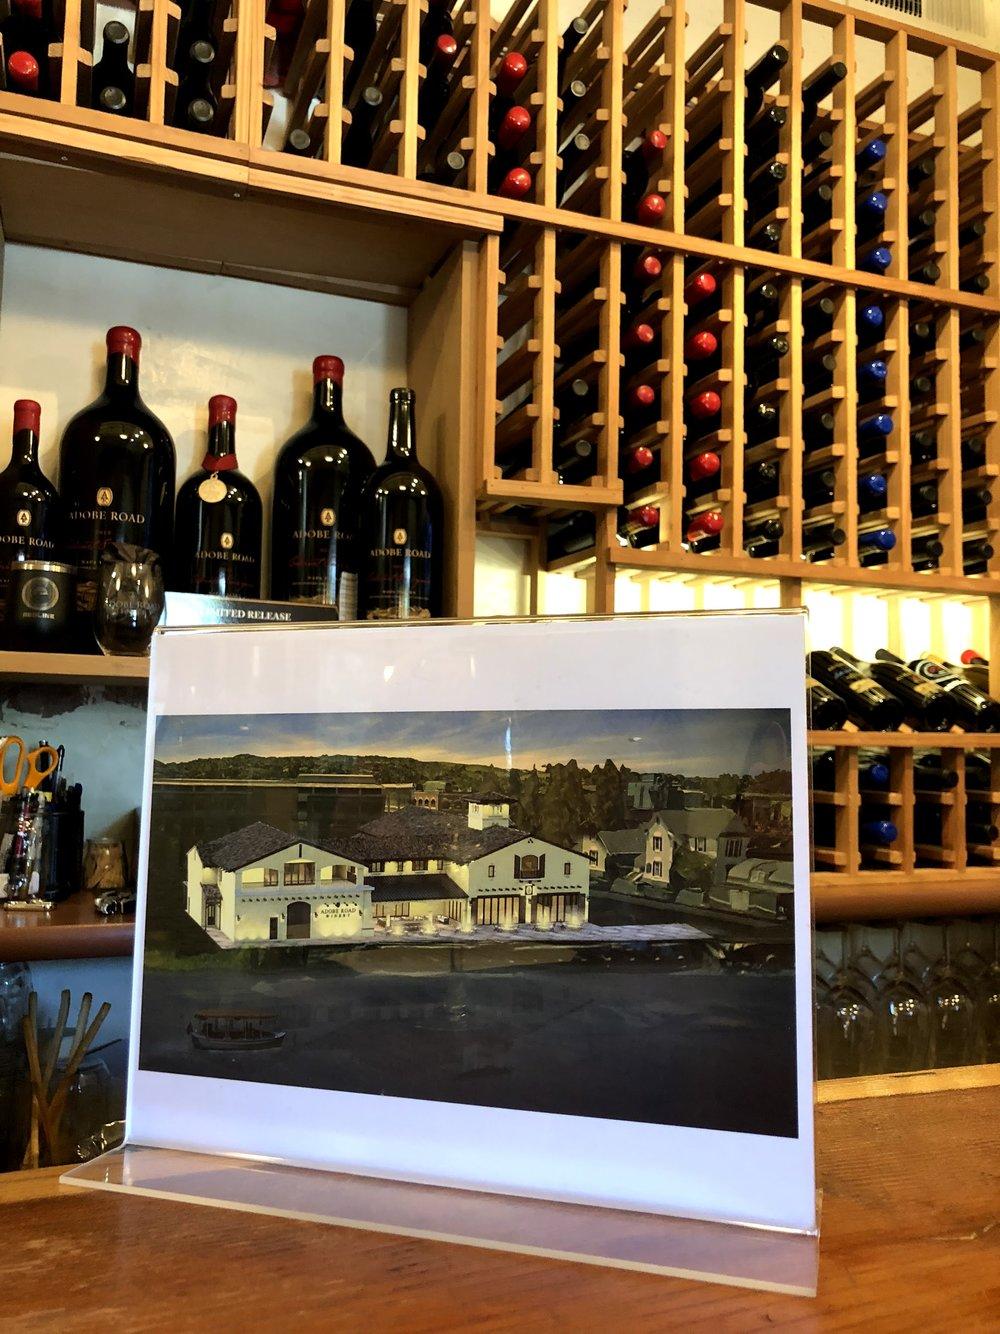 Waterfront Adobe Road Winery Tasting Room